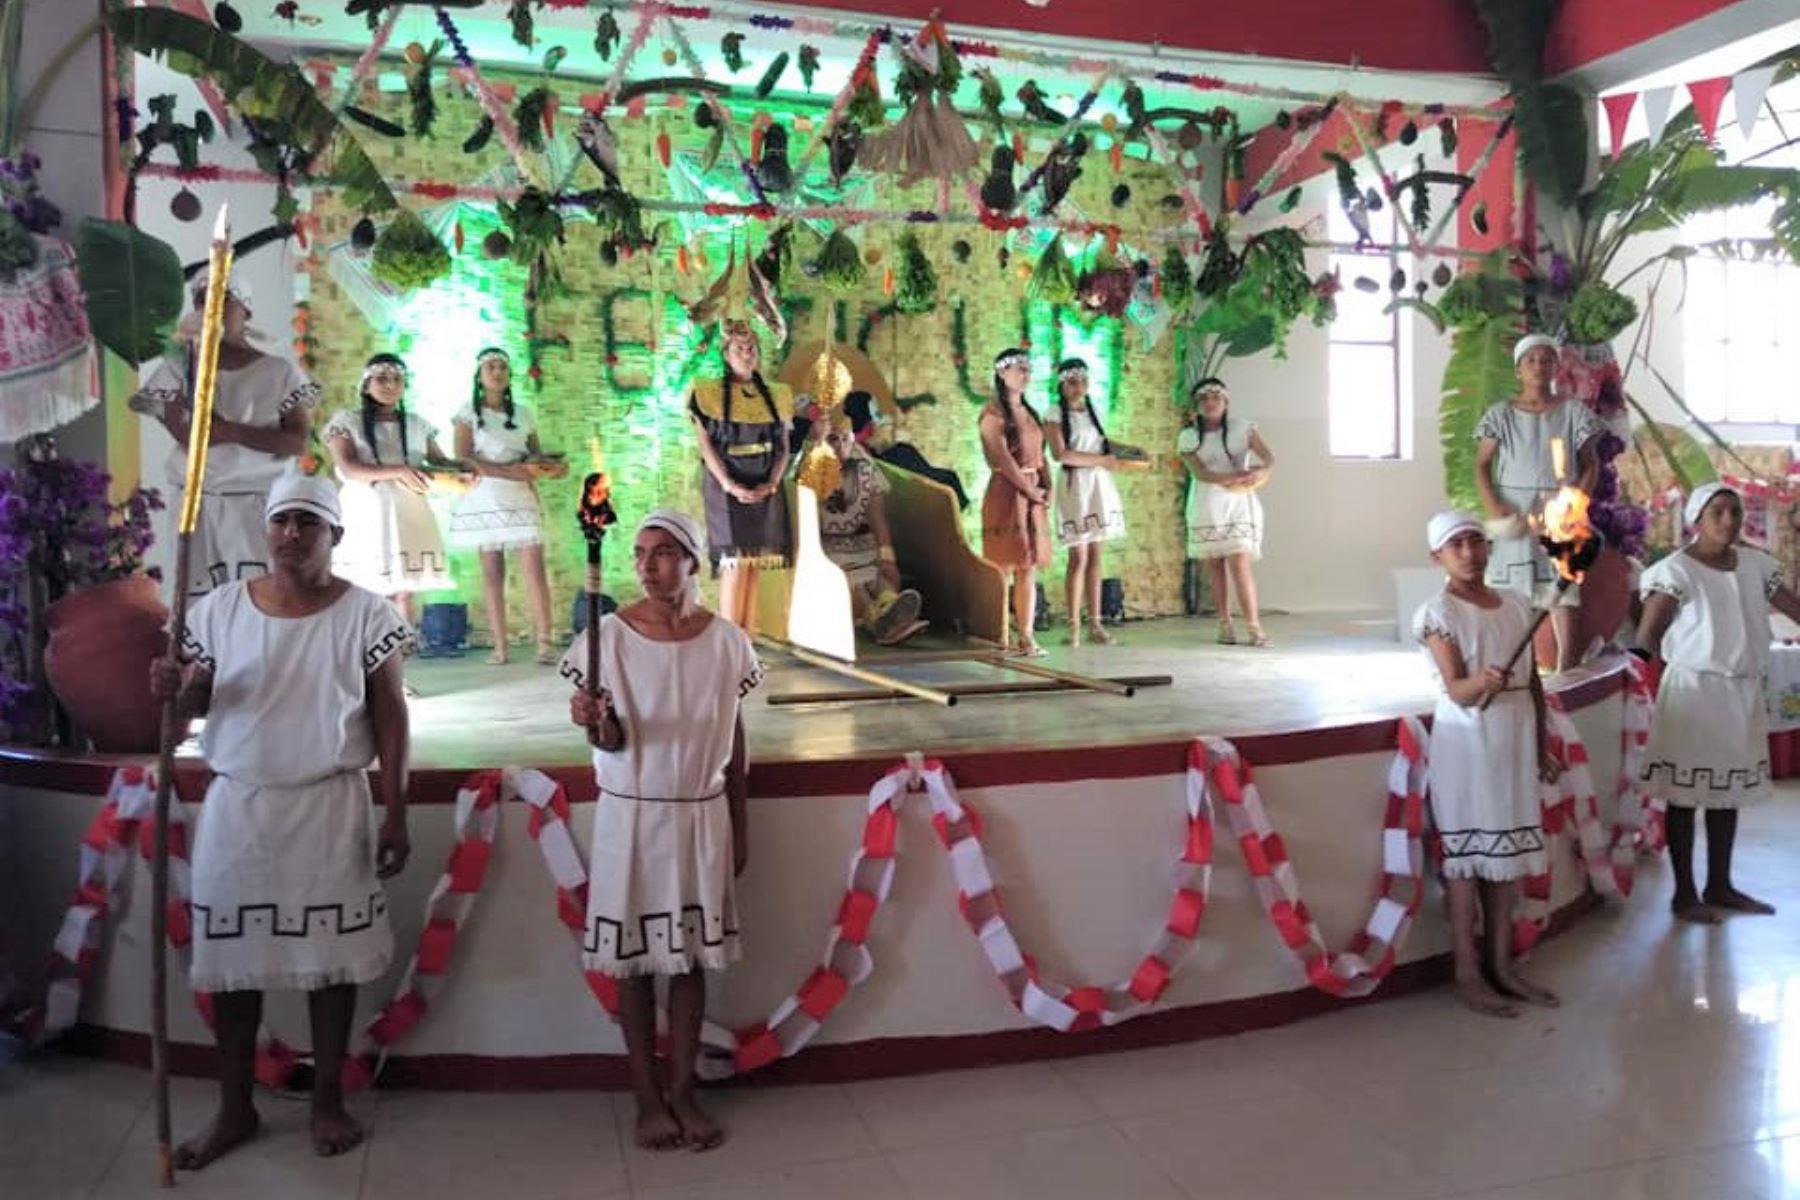 Fexticum, la tradicional feria de exposiciones de Monsefú, en Lambayeque, espera la visita de 70,000 turistas. ANDINA/Difusión